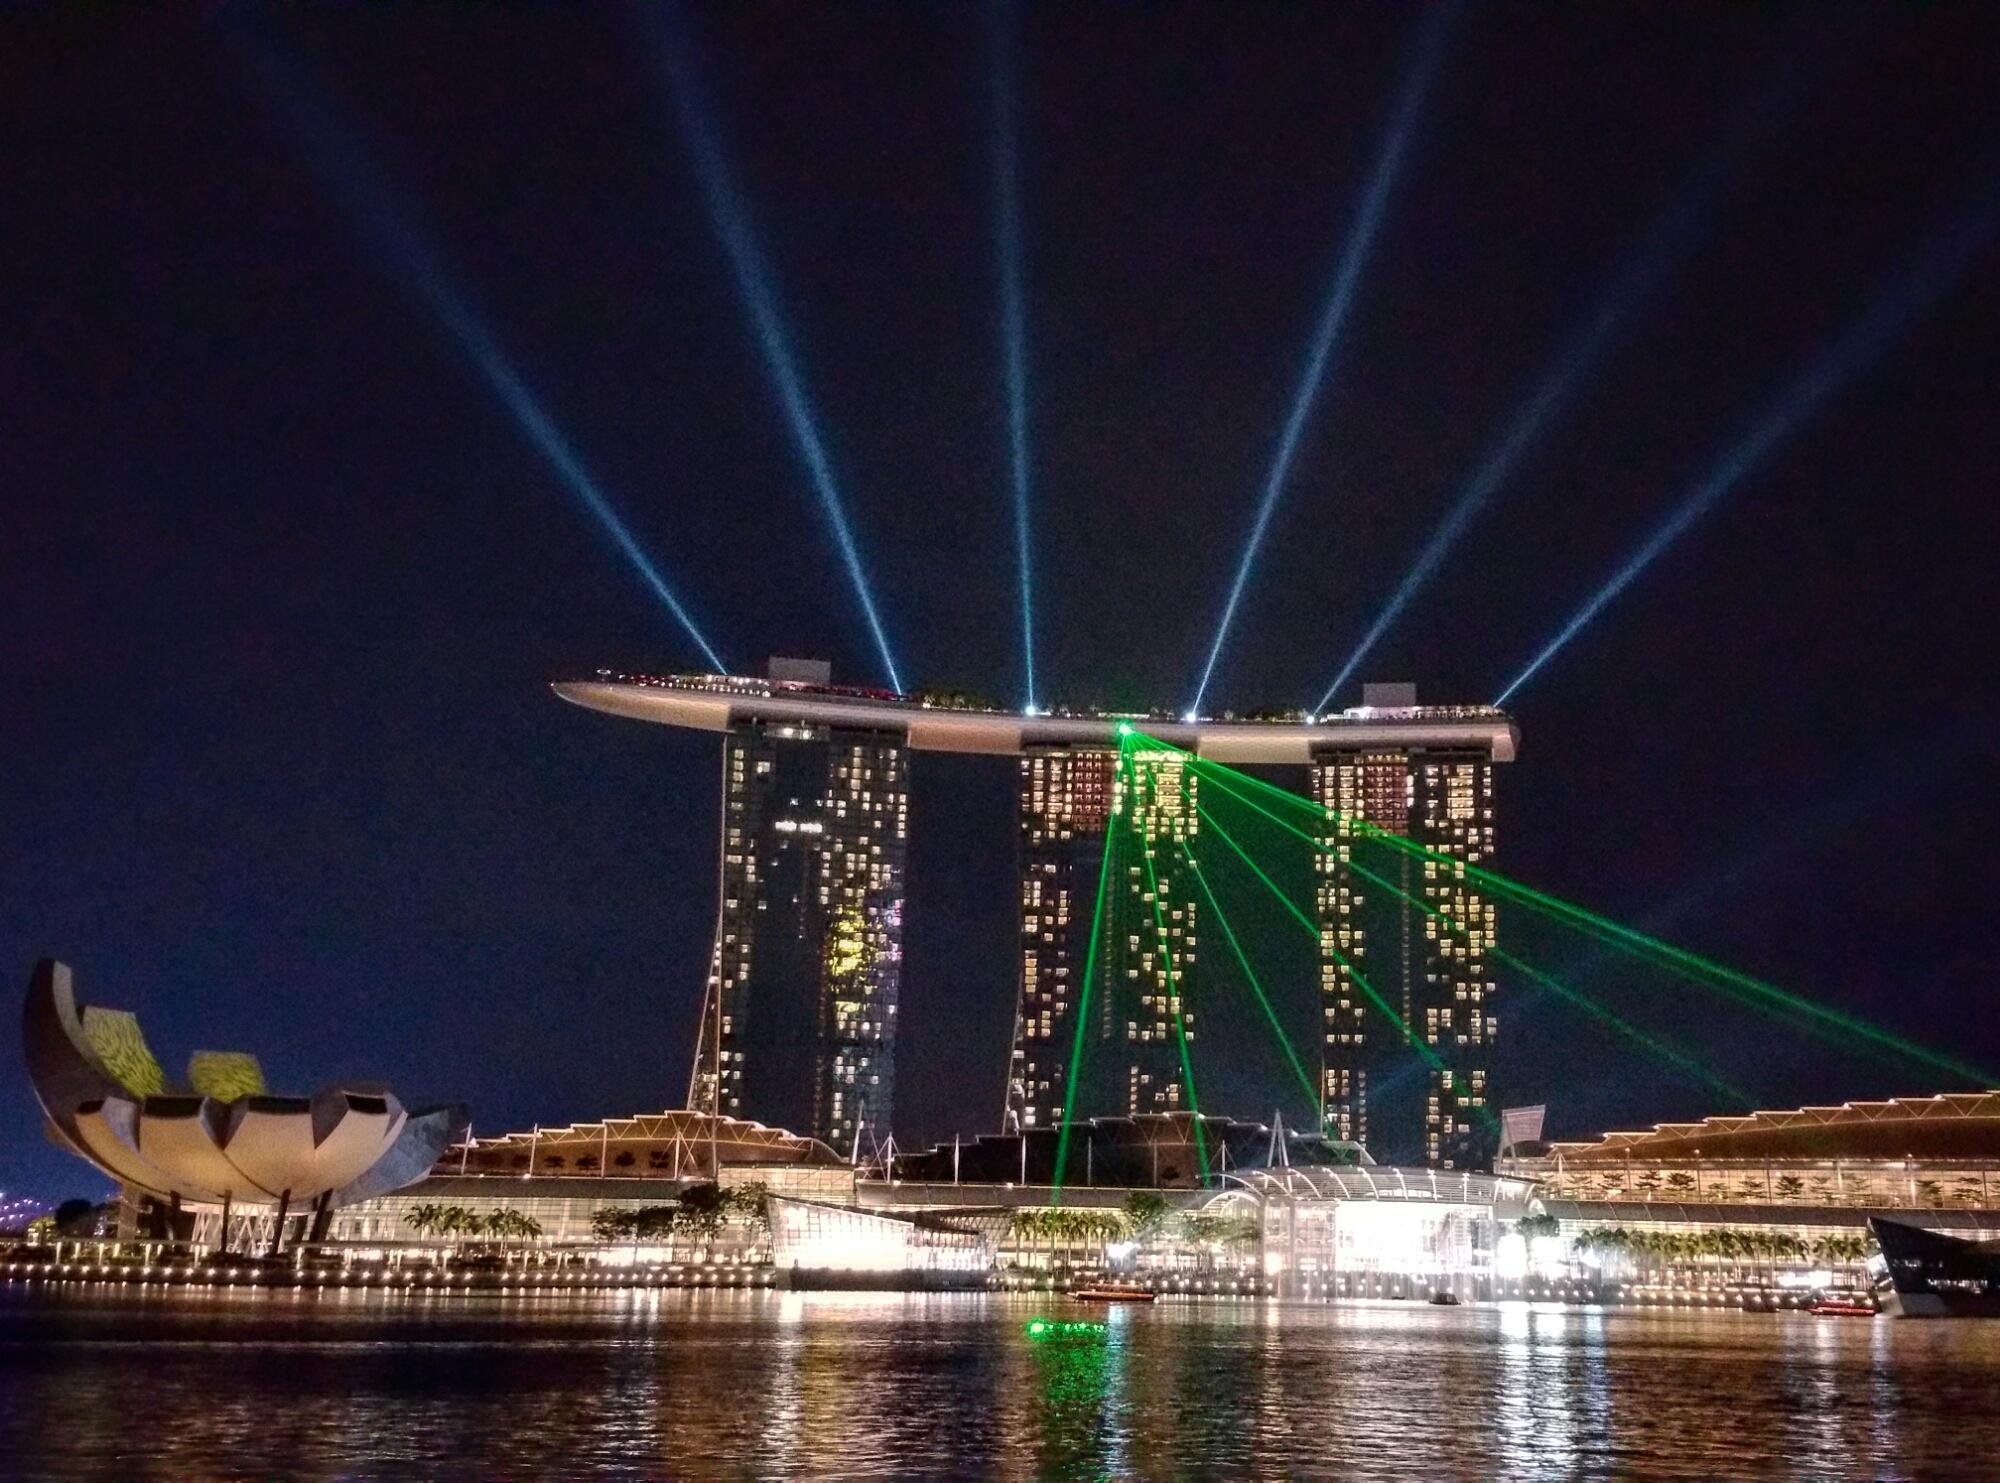 Vols à trajet ouvert de Montréal pour Singapour et retour de Pékin 598$